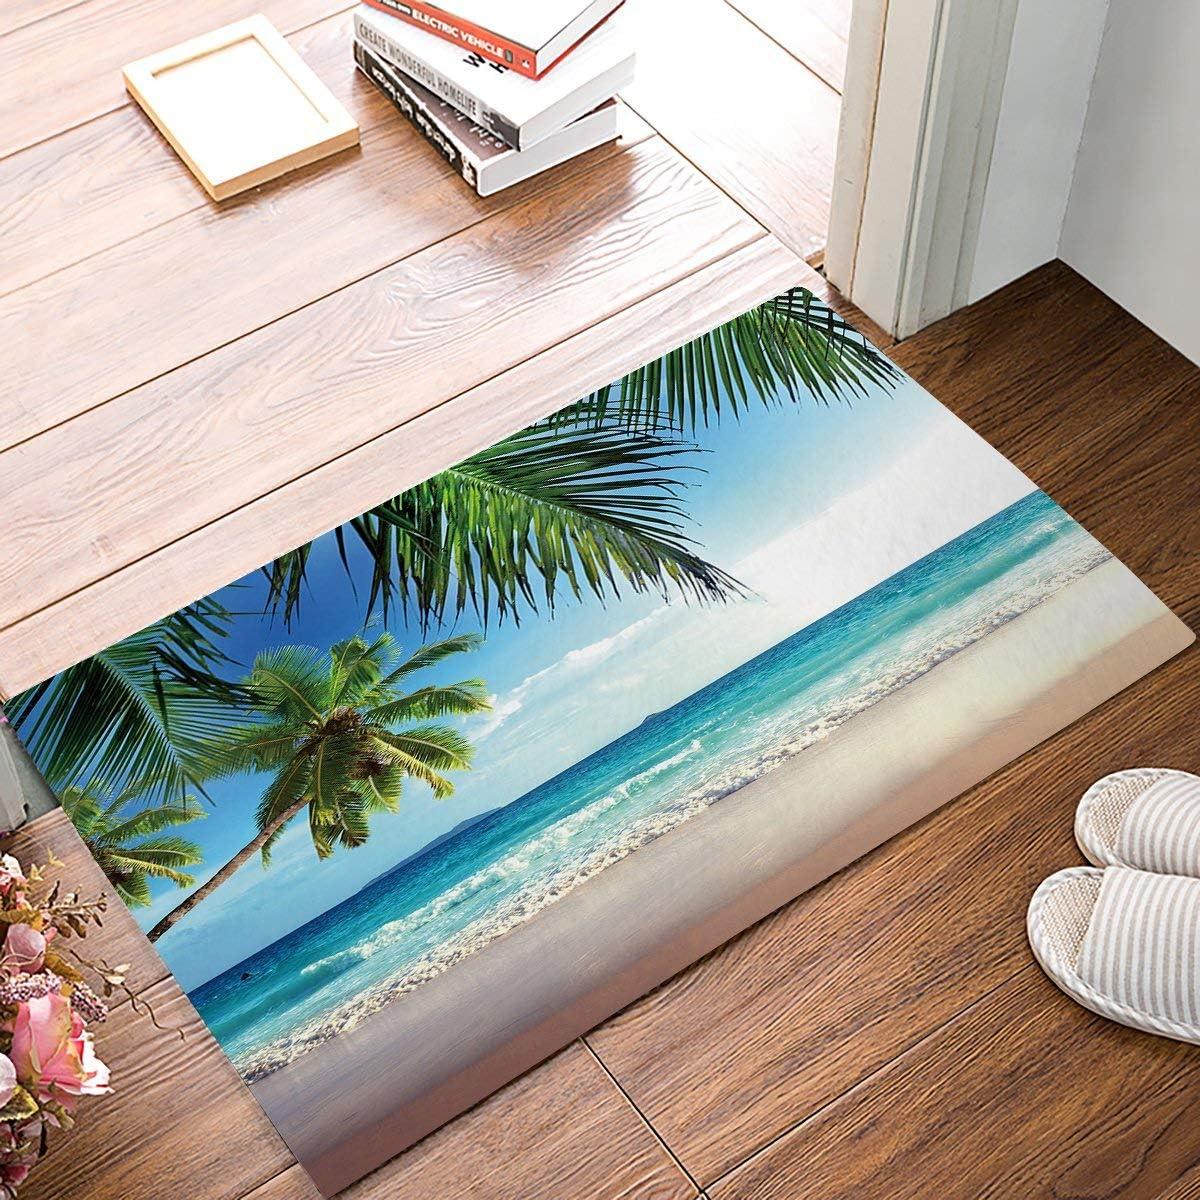 SIMIGREE 32 x 20 Inch Tropical Coconut Palm Tree Sandy Beach Door Mats Kitchen Floor Bath Entryway Rug Mat Absorbent Indoor Bathroom Decor Doormats Rubber Non Slip